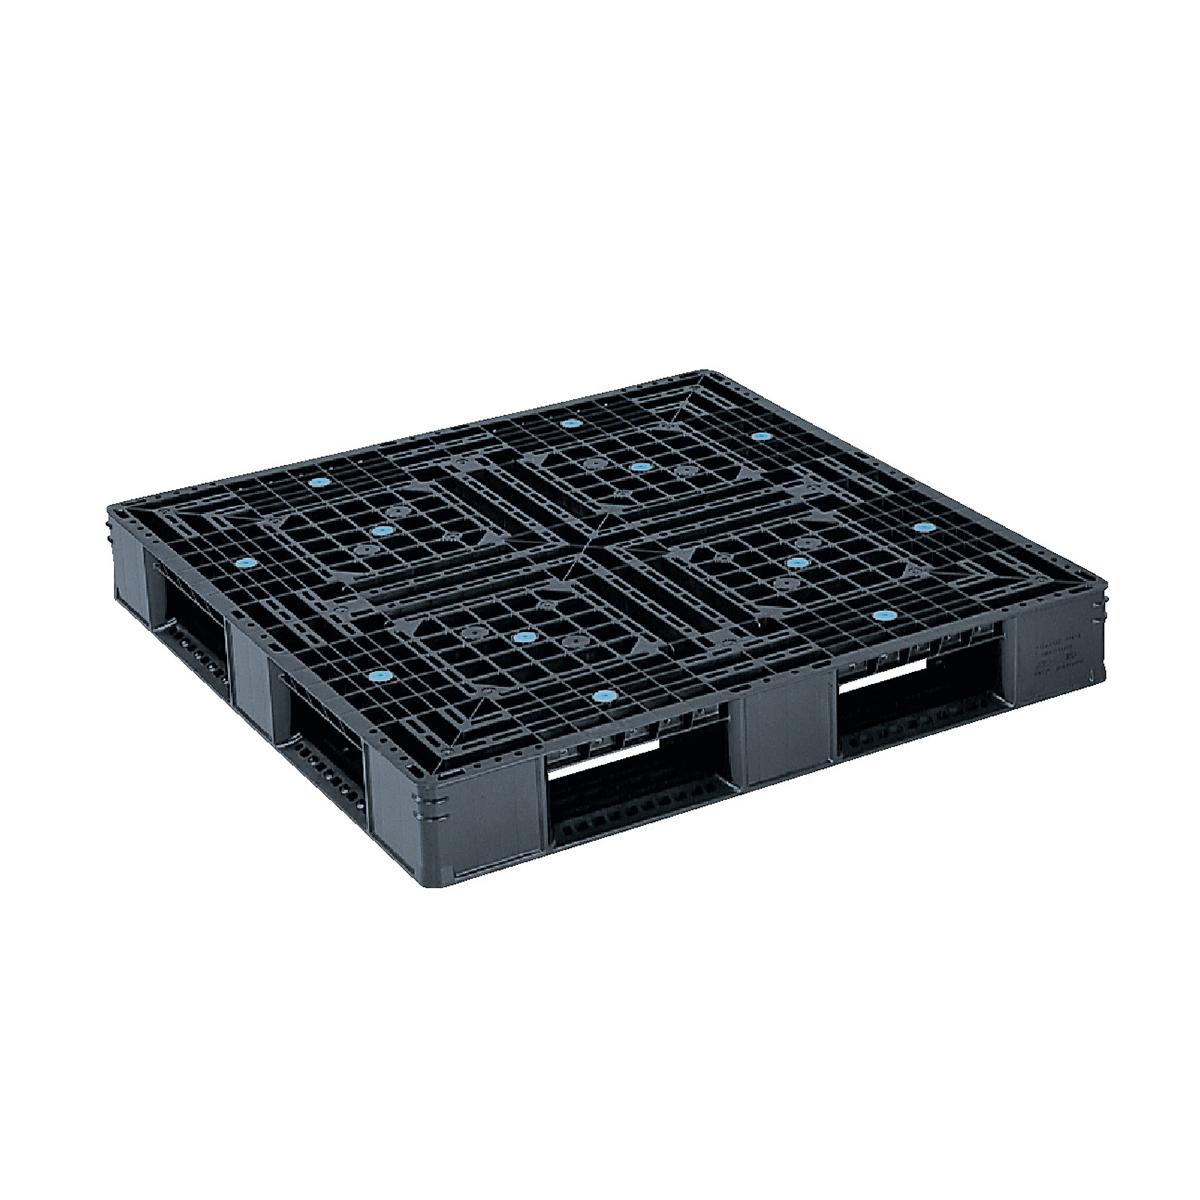 パレット D4-1111-3 再生黒 注文数2個以上